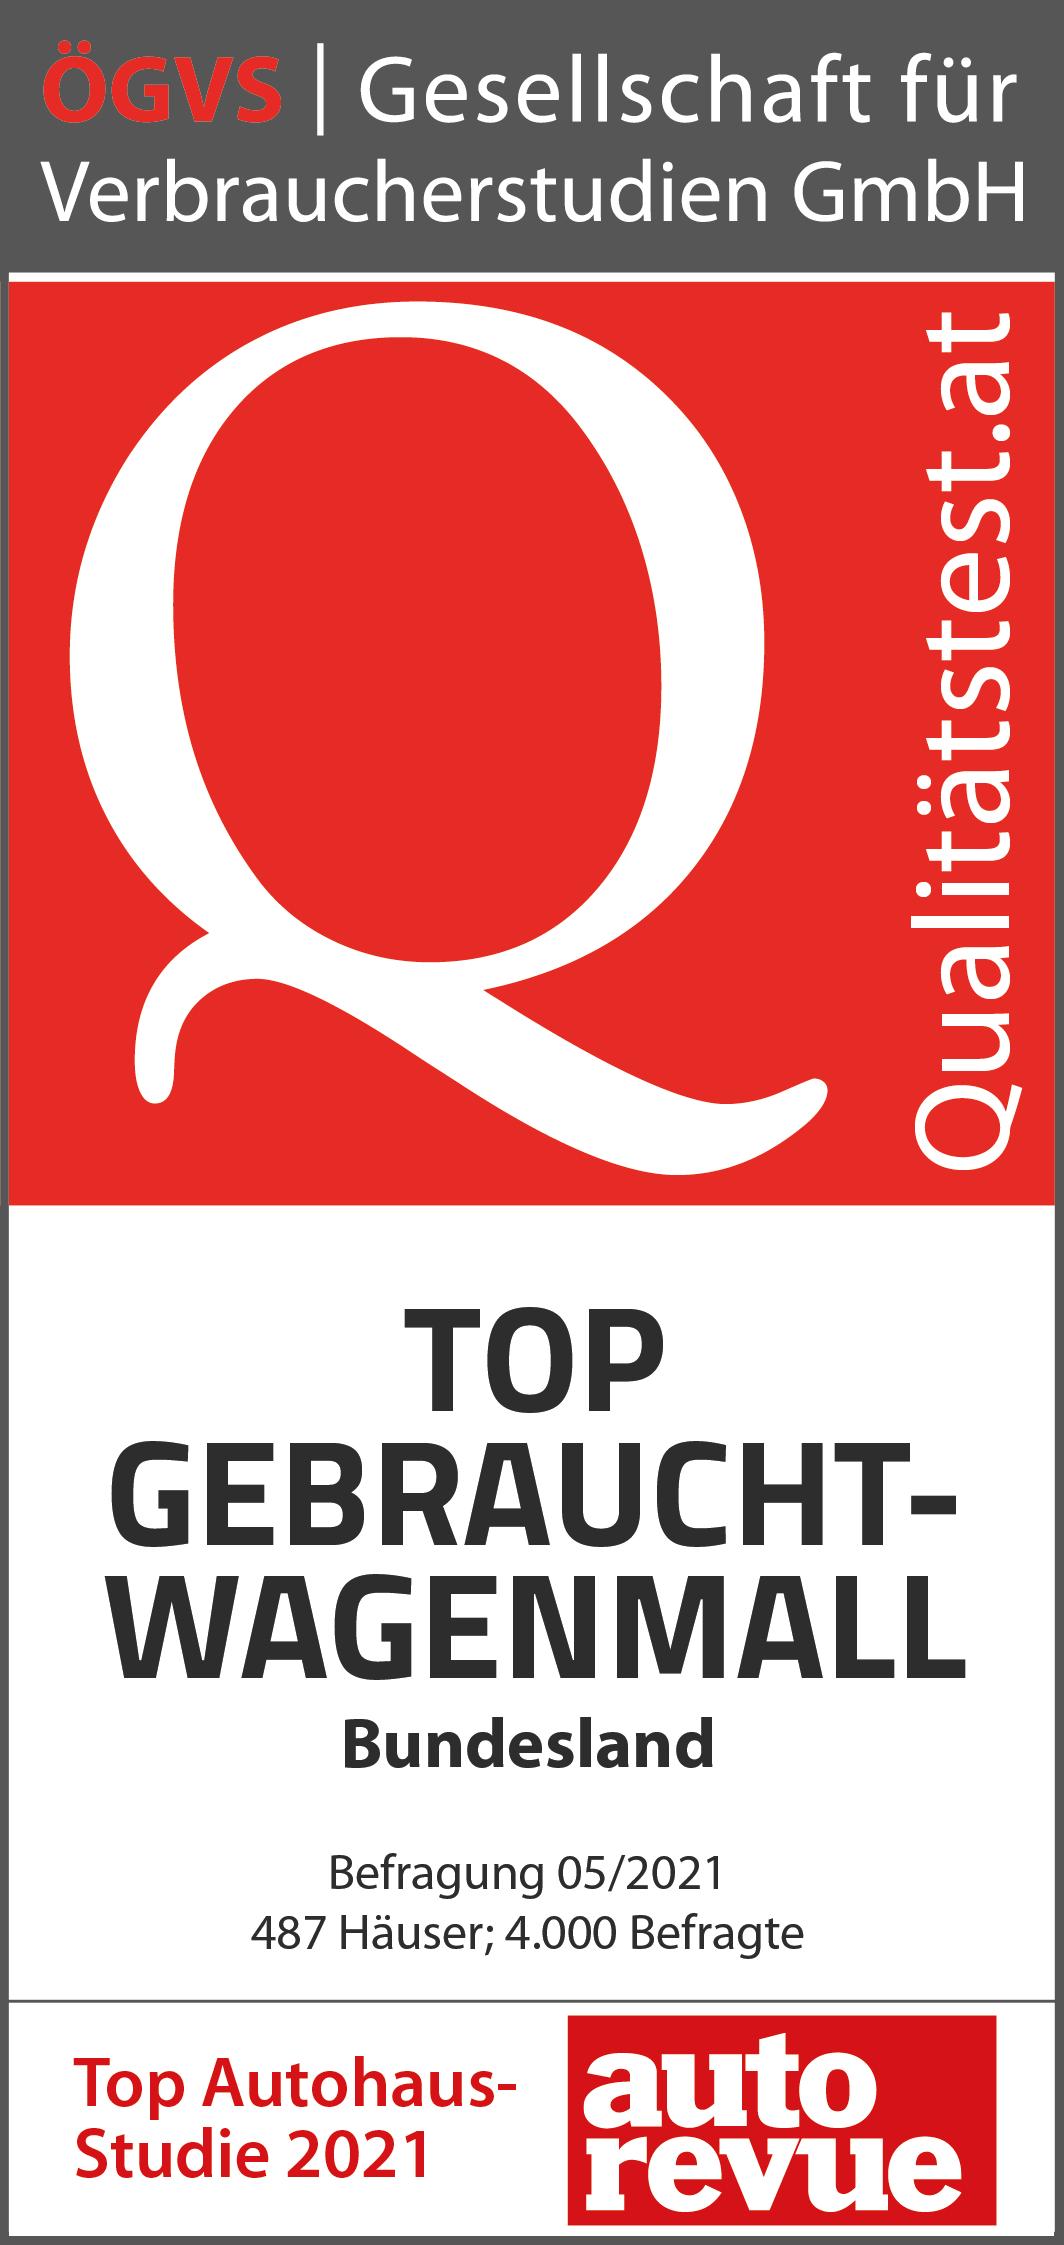 Top Gebrauchtwagen-Mall